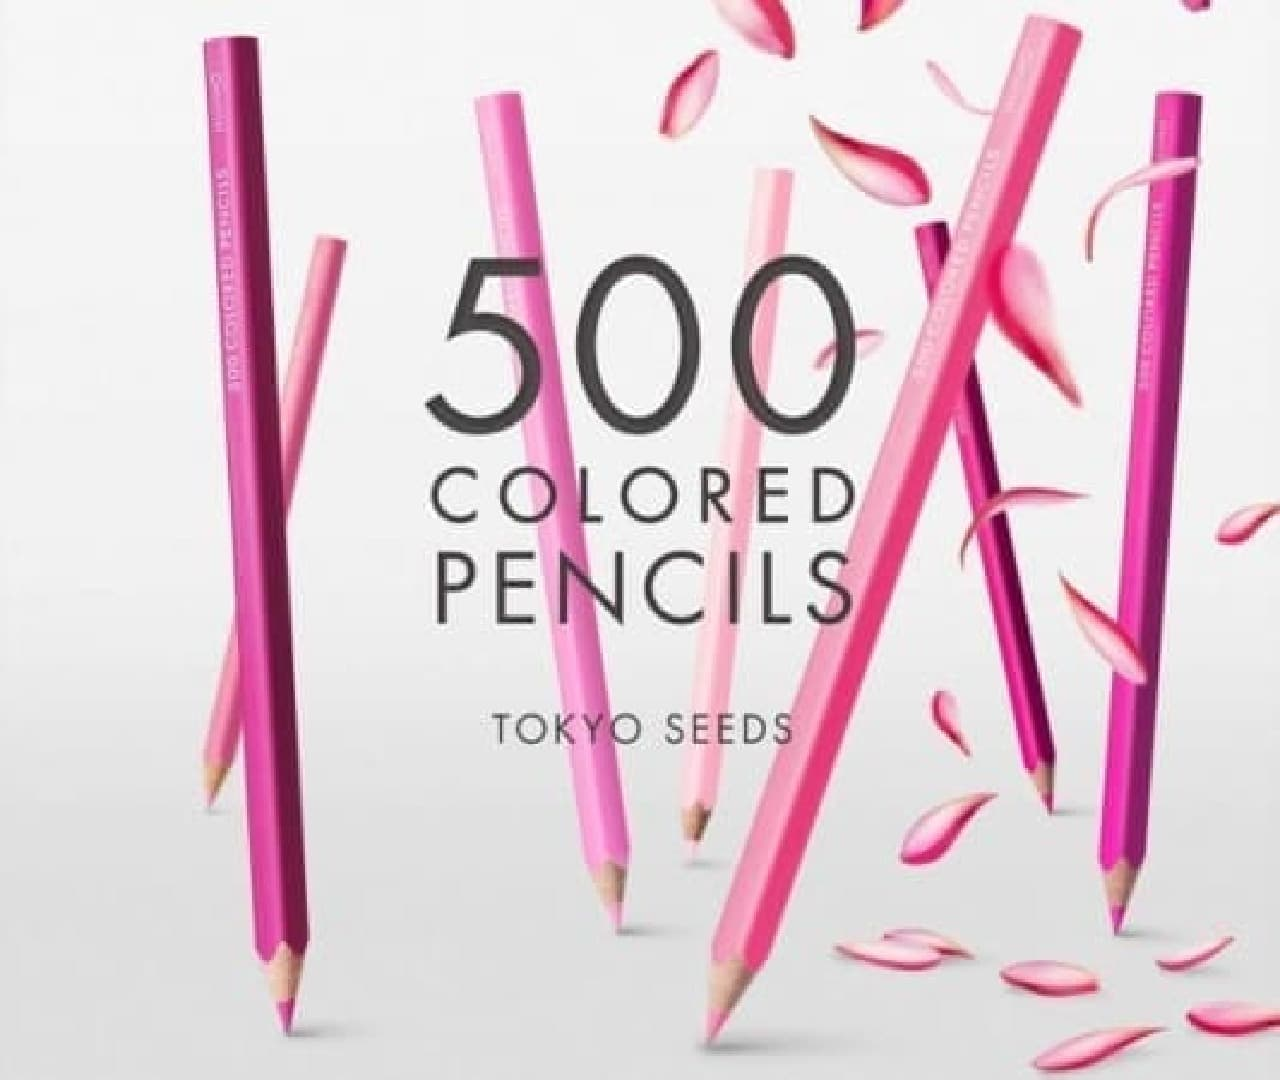 フェリシモ 500色の色えんぴつ TOKYO SEEDS